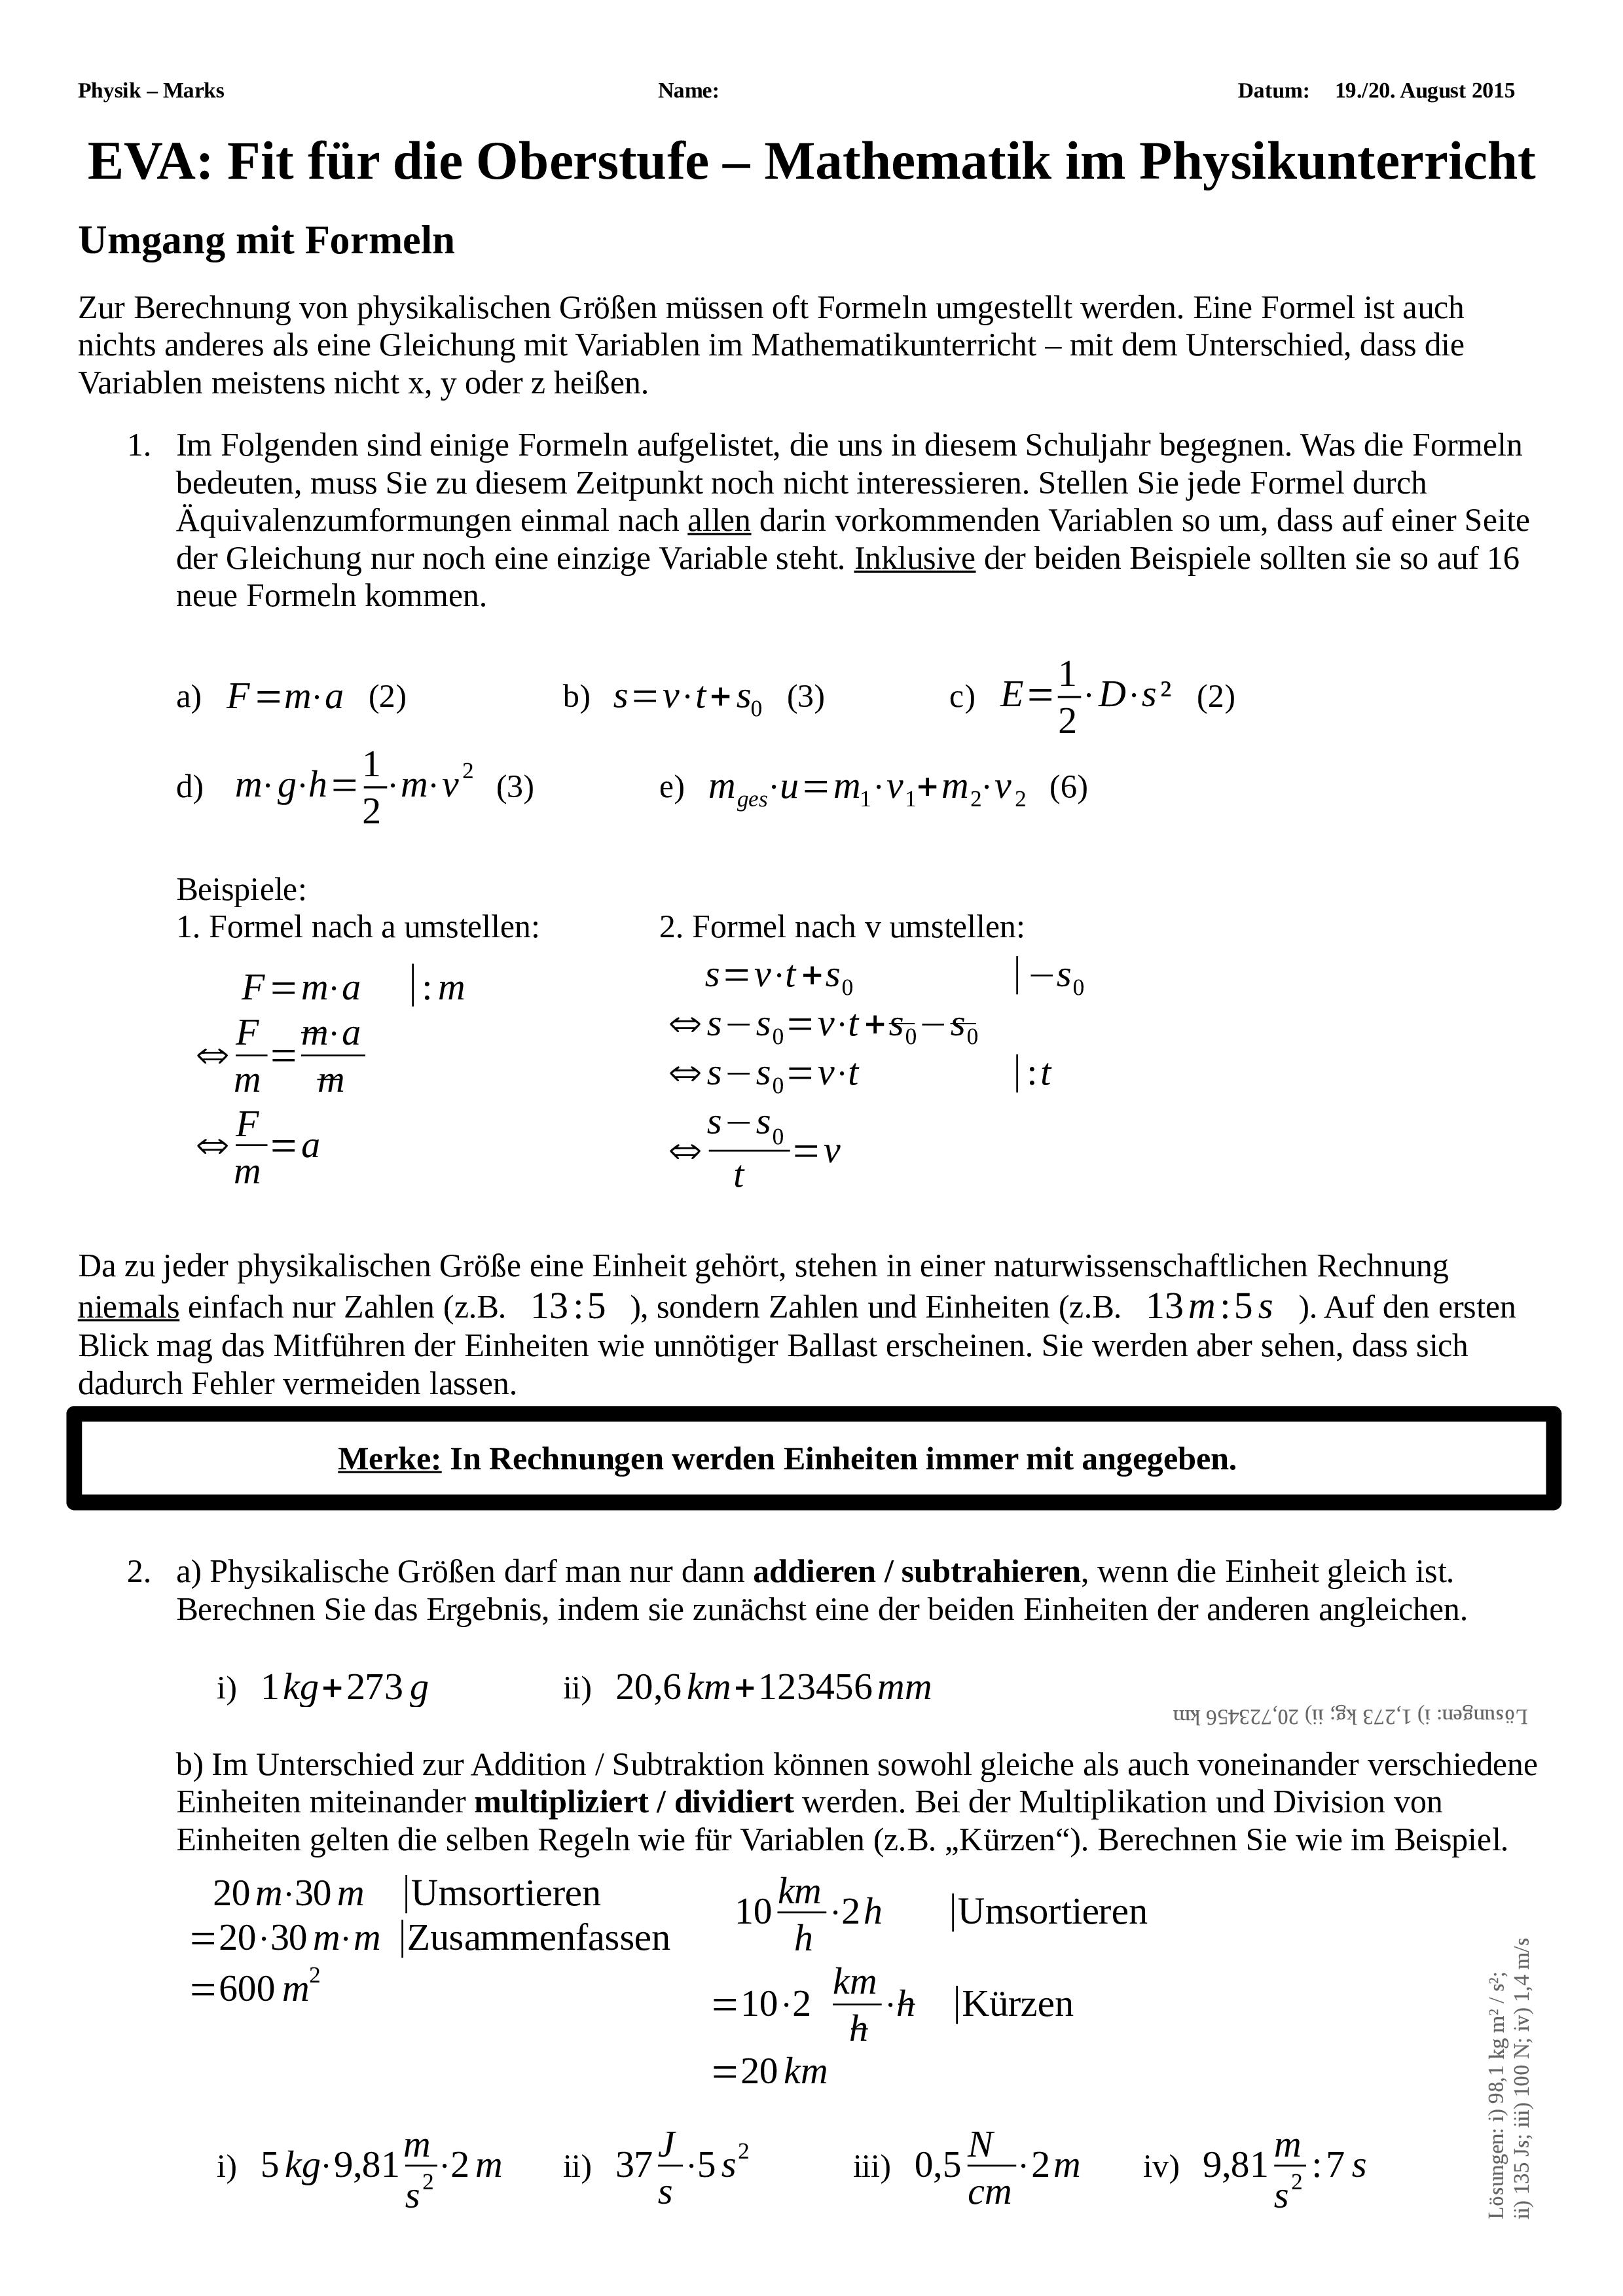 Mathematische Grundlagen Fur Die Physik Der Oberstufe Unterrichtsmaterial Im Fach Physik Mathematik Physik Mathematikunterricht